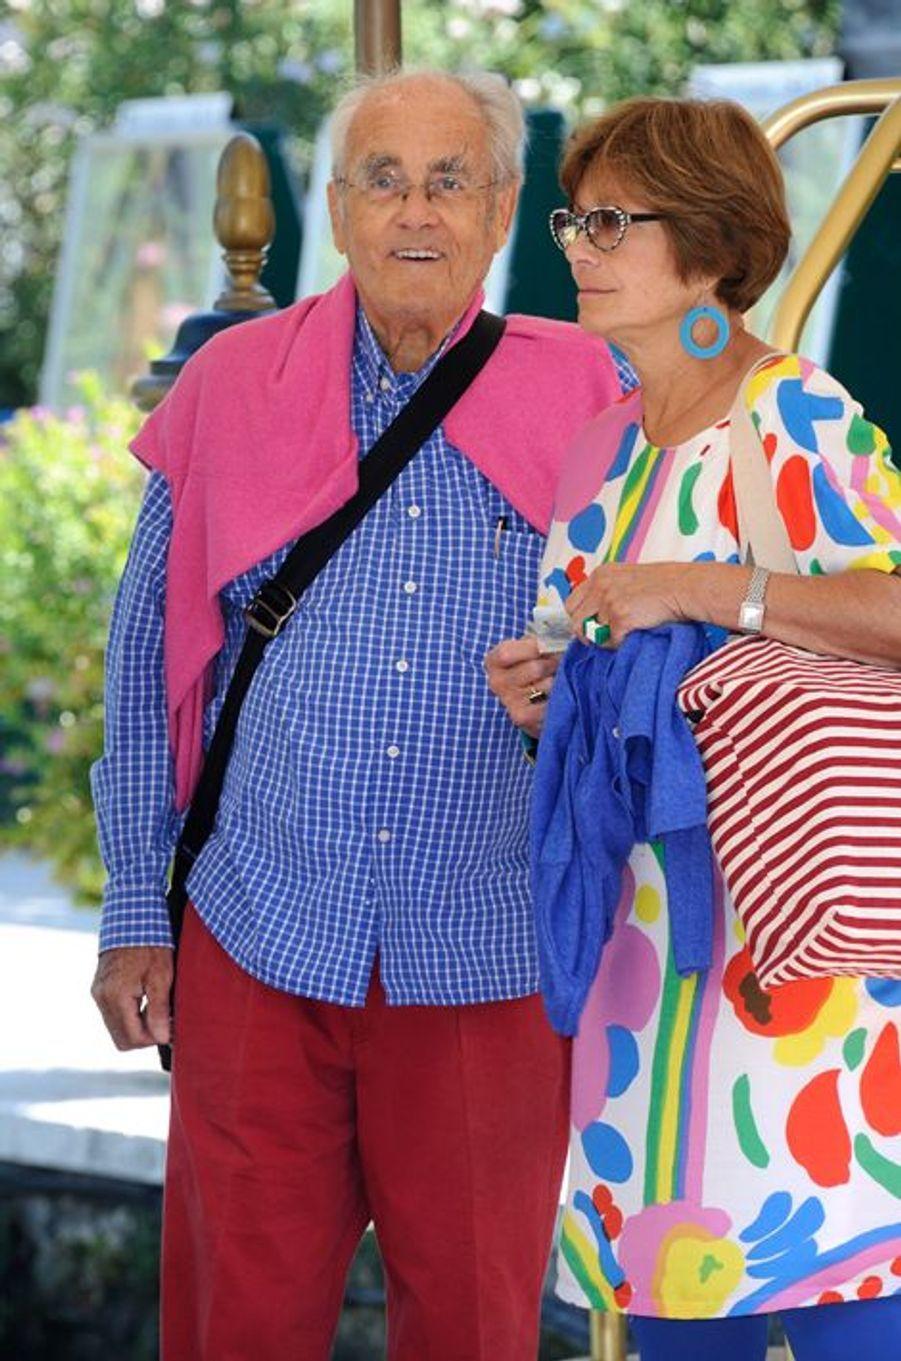 Macha Méril et Michel Legrand à Venise, le 29 août 2014.